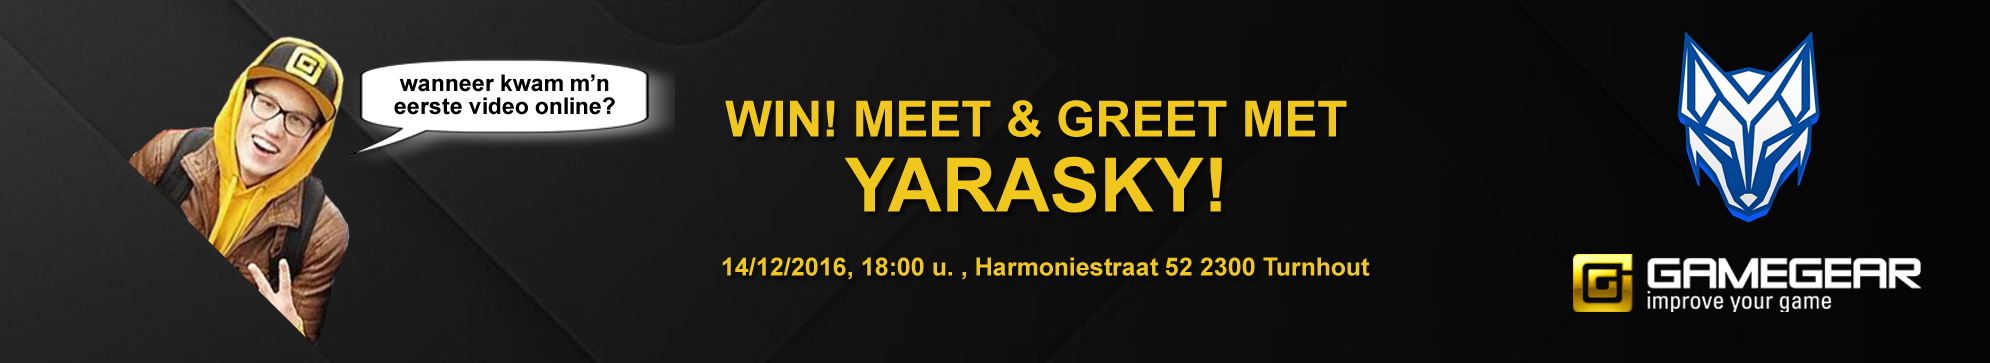 yarasky banner